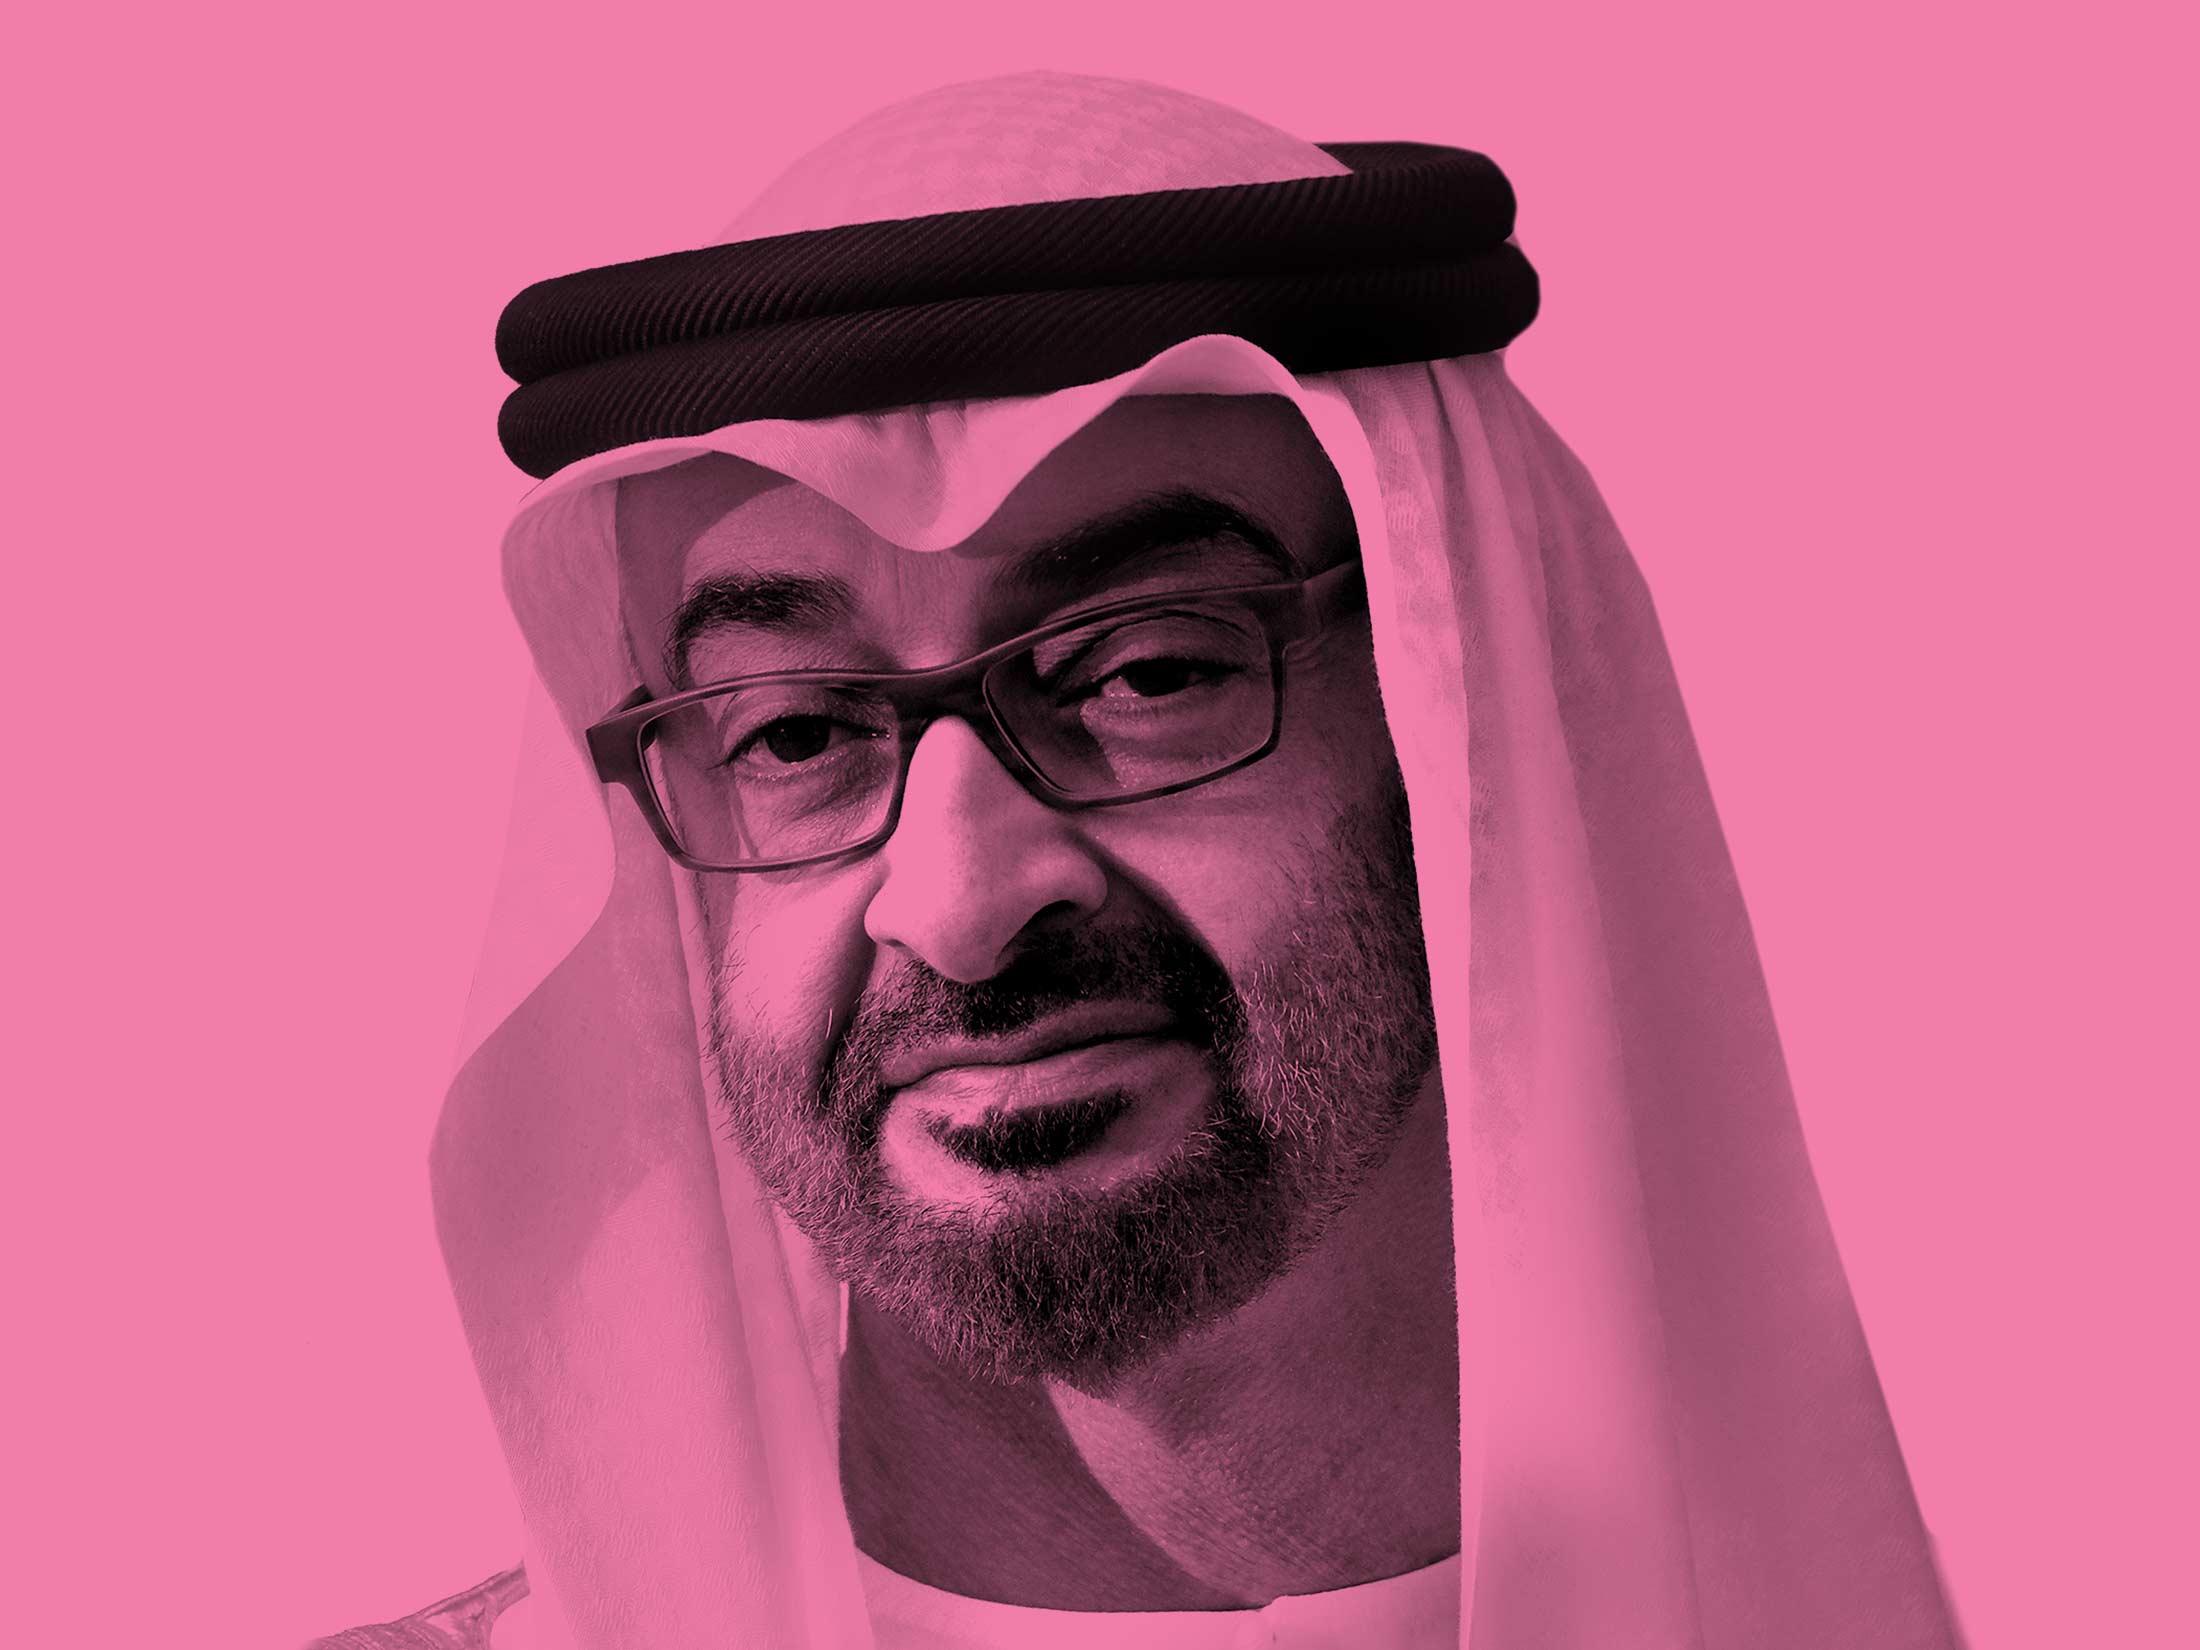 سفارات الامارات في باريس وبرلين تدفع اموالاً طائلة لمنظمات ووسائل اعلام لمهاجمة قطر